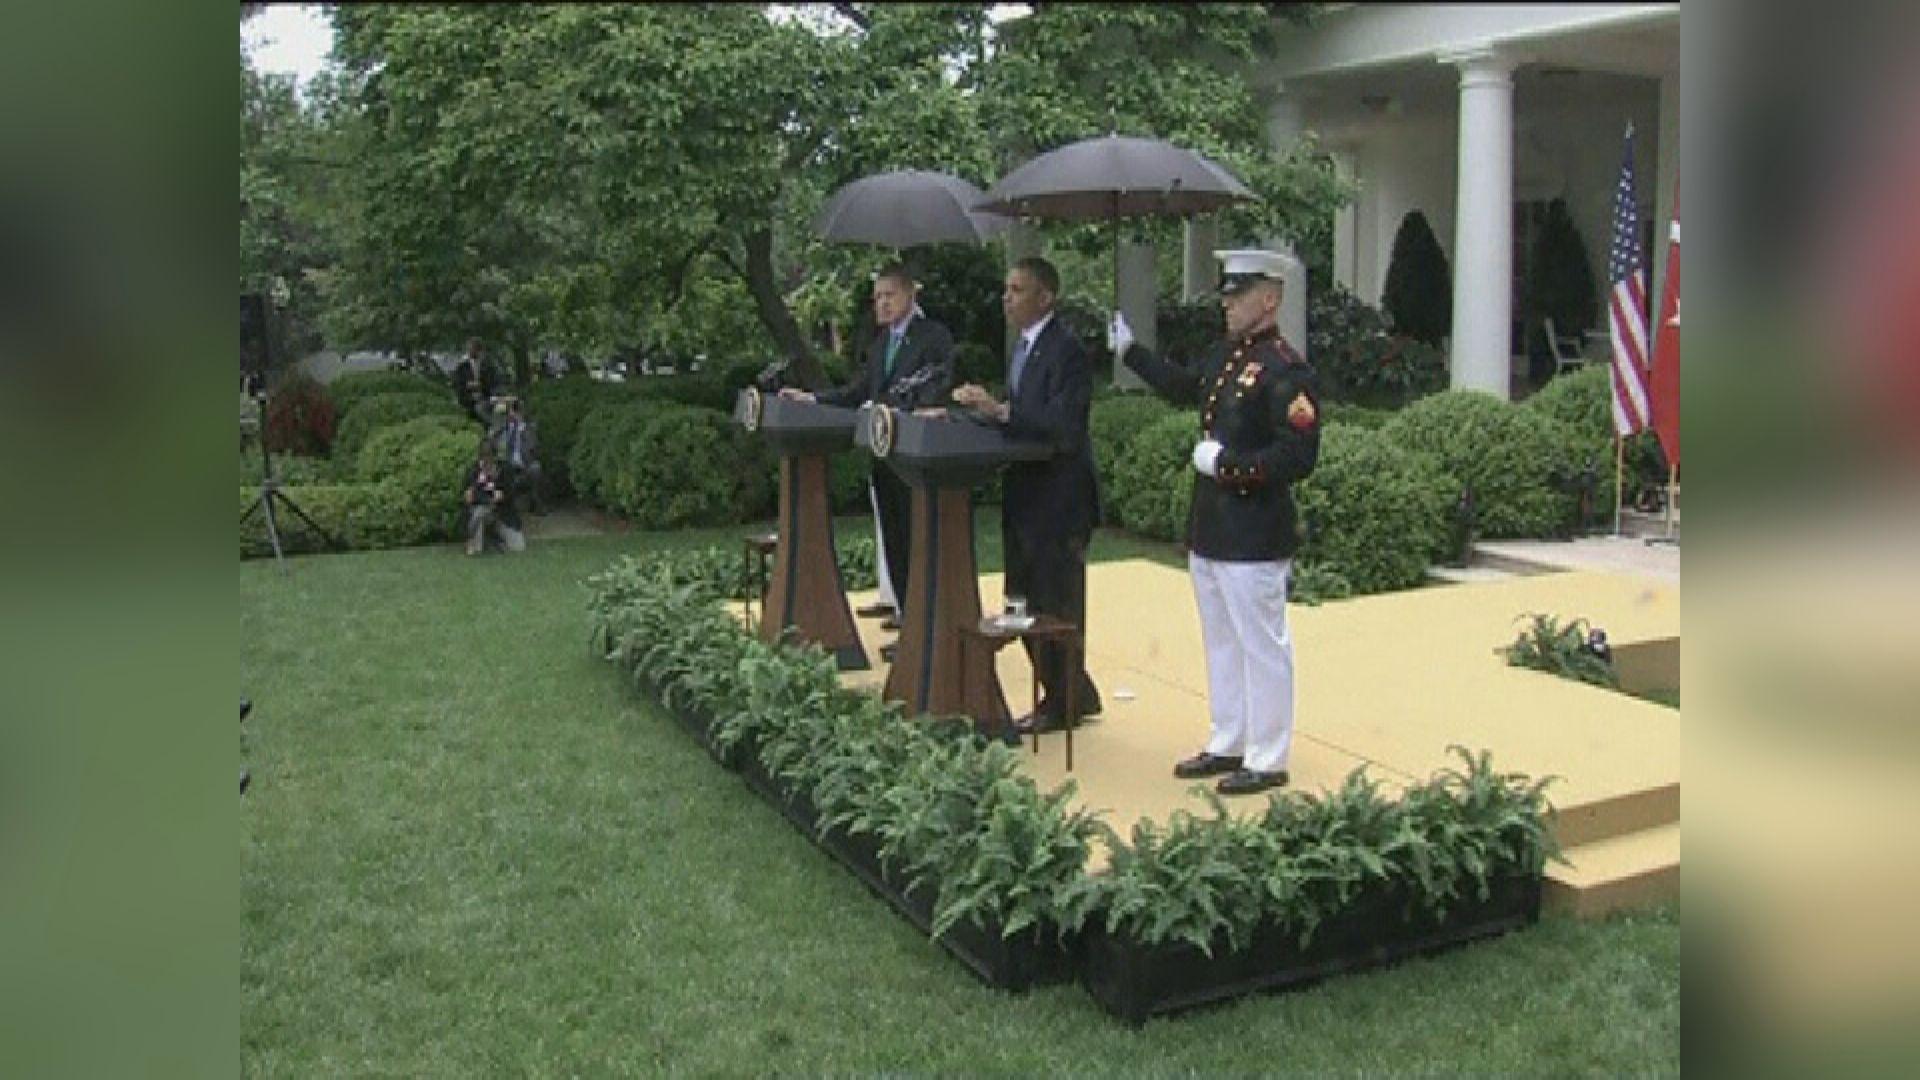 【環球薈報】美國海軍陸戰隊終於批准男隊員撐傘